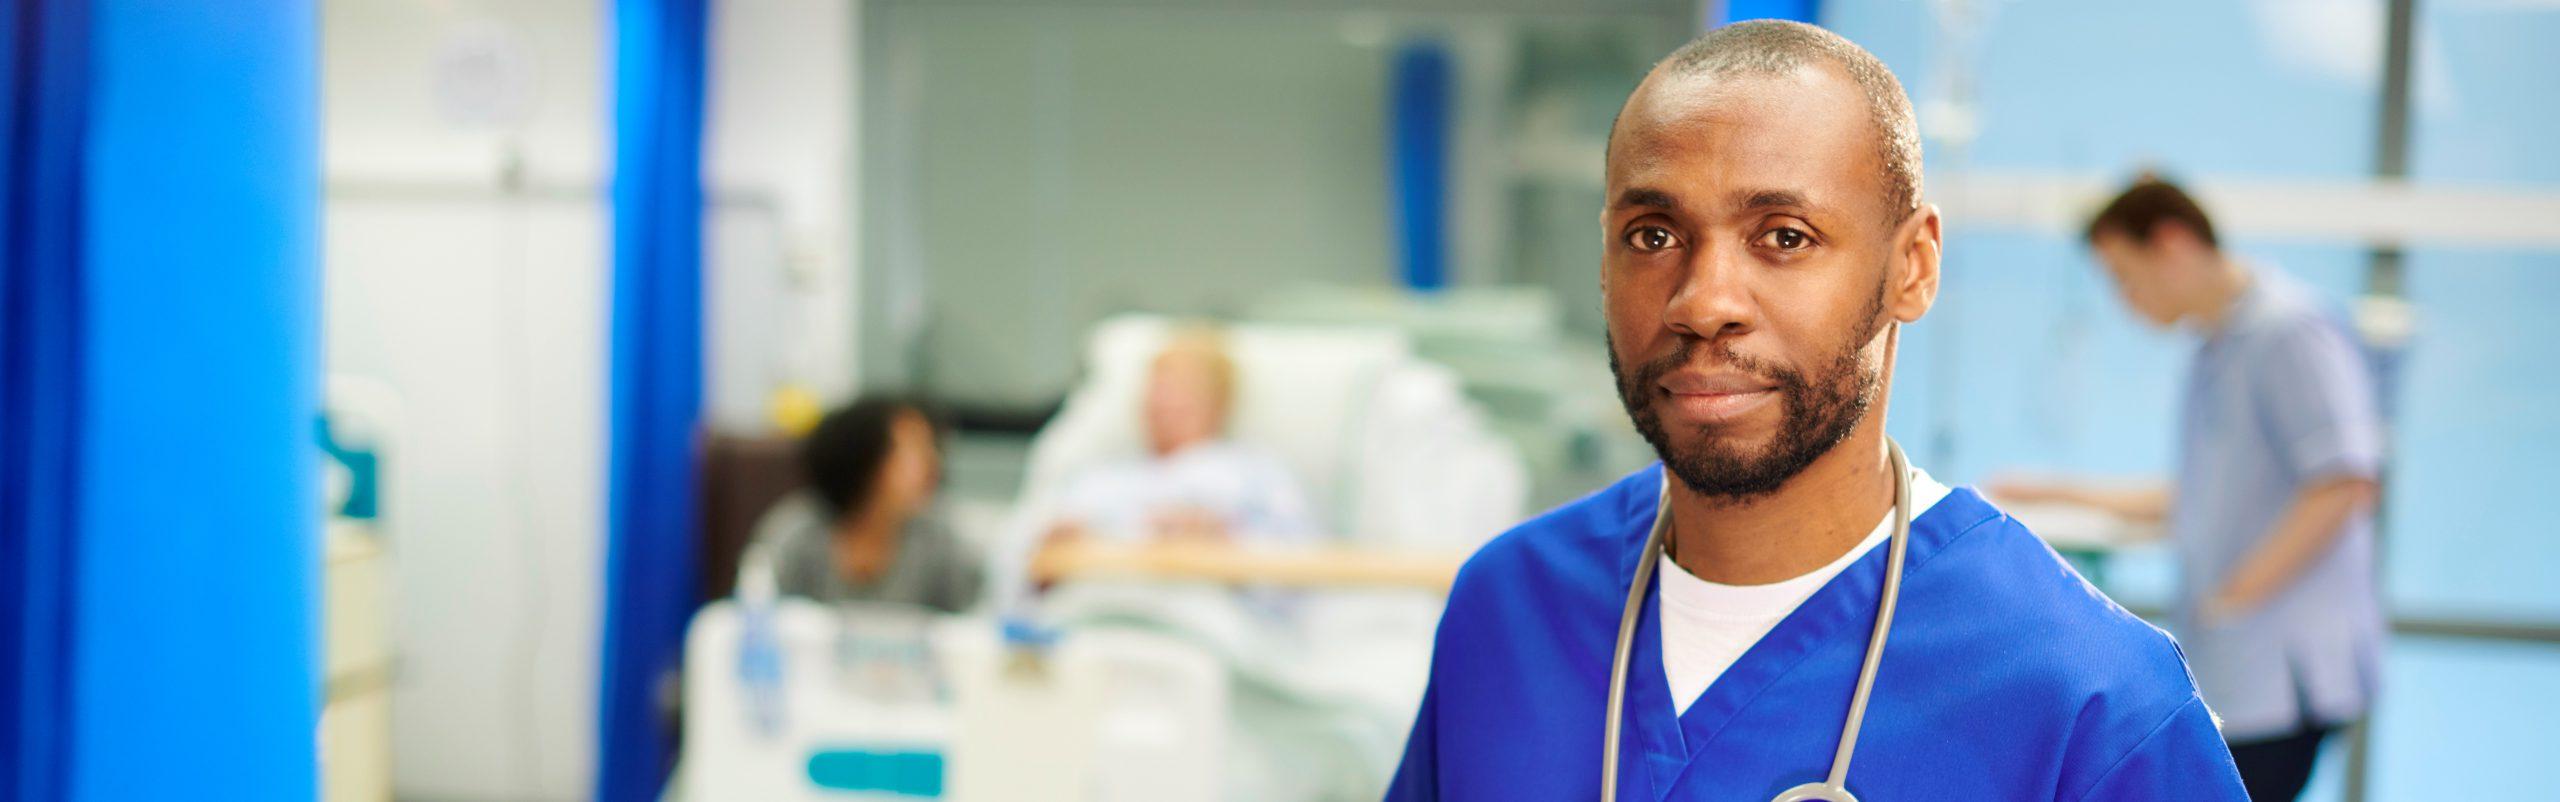 Die Chance zur Bewältigung des Fachkräftemangels im Gesundheitswesen